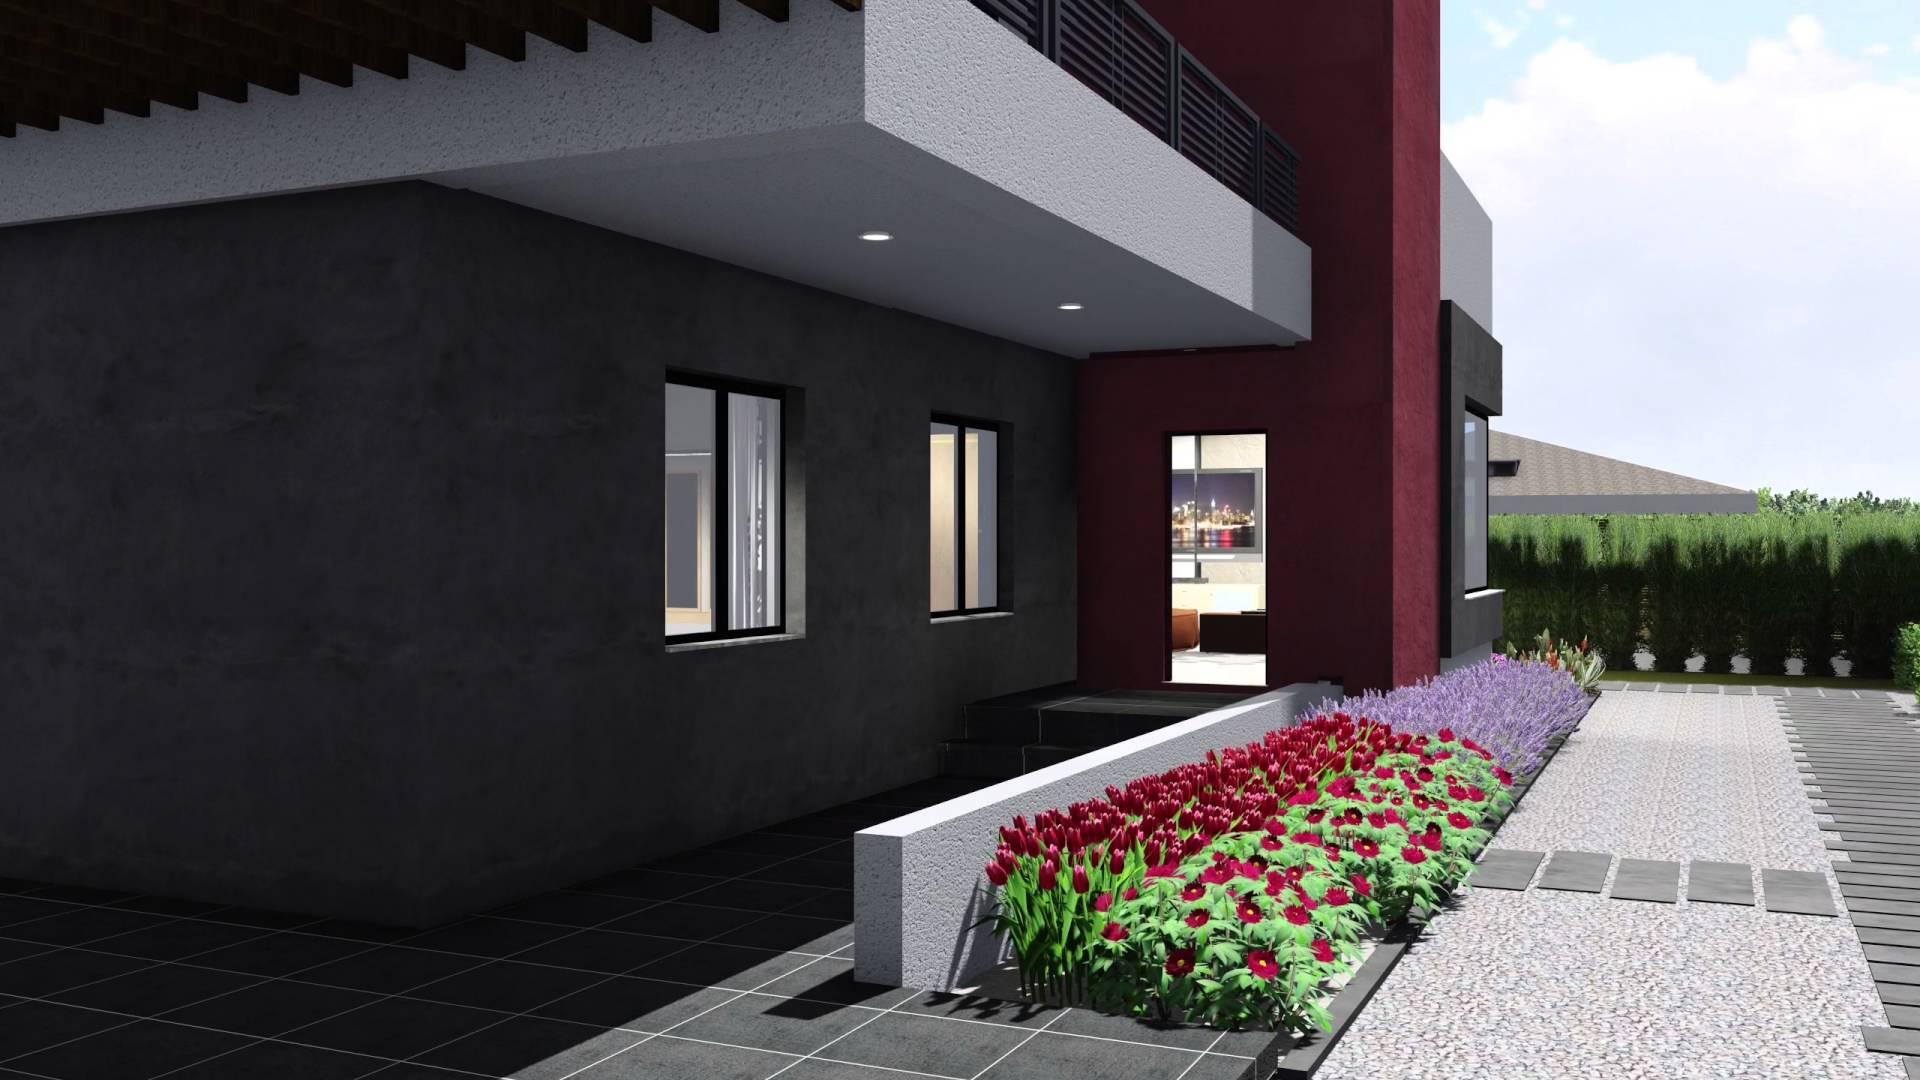 Come realizzare la casa dei sogni for Come realizzare la casa dei tuoi sogni